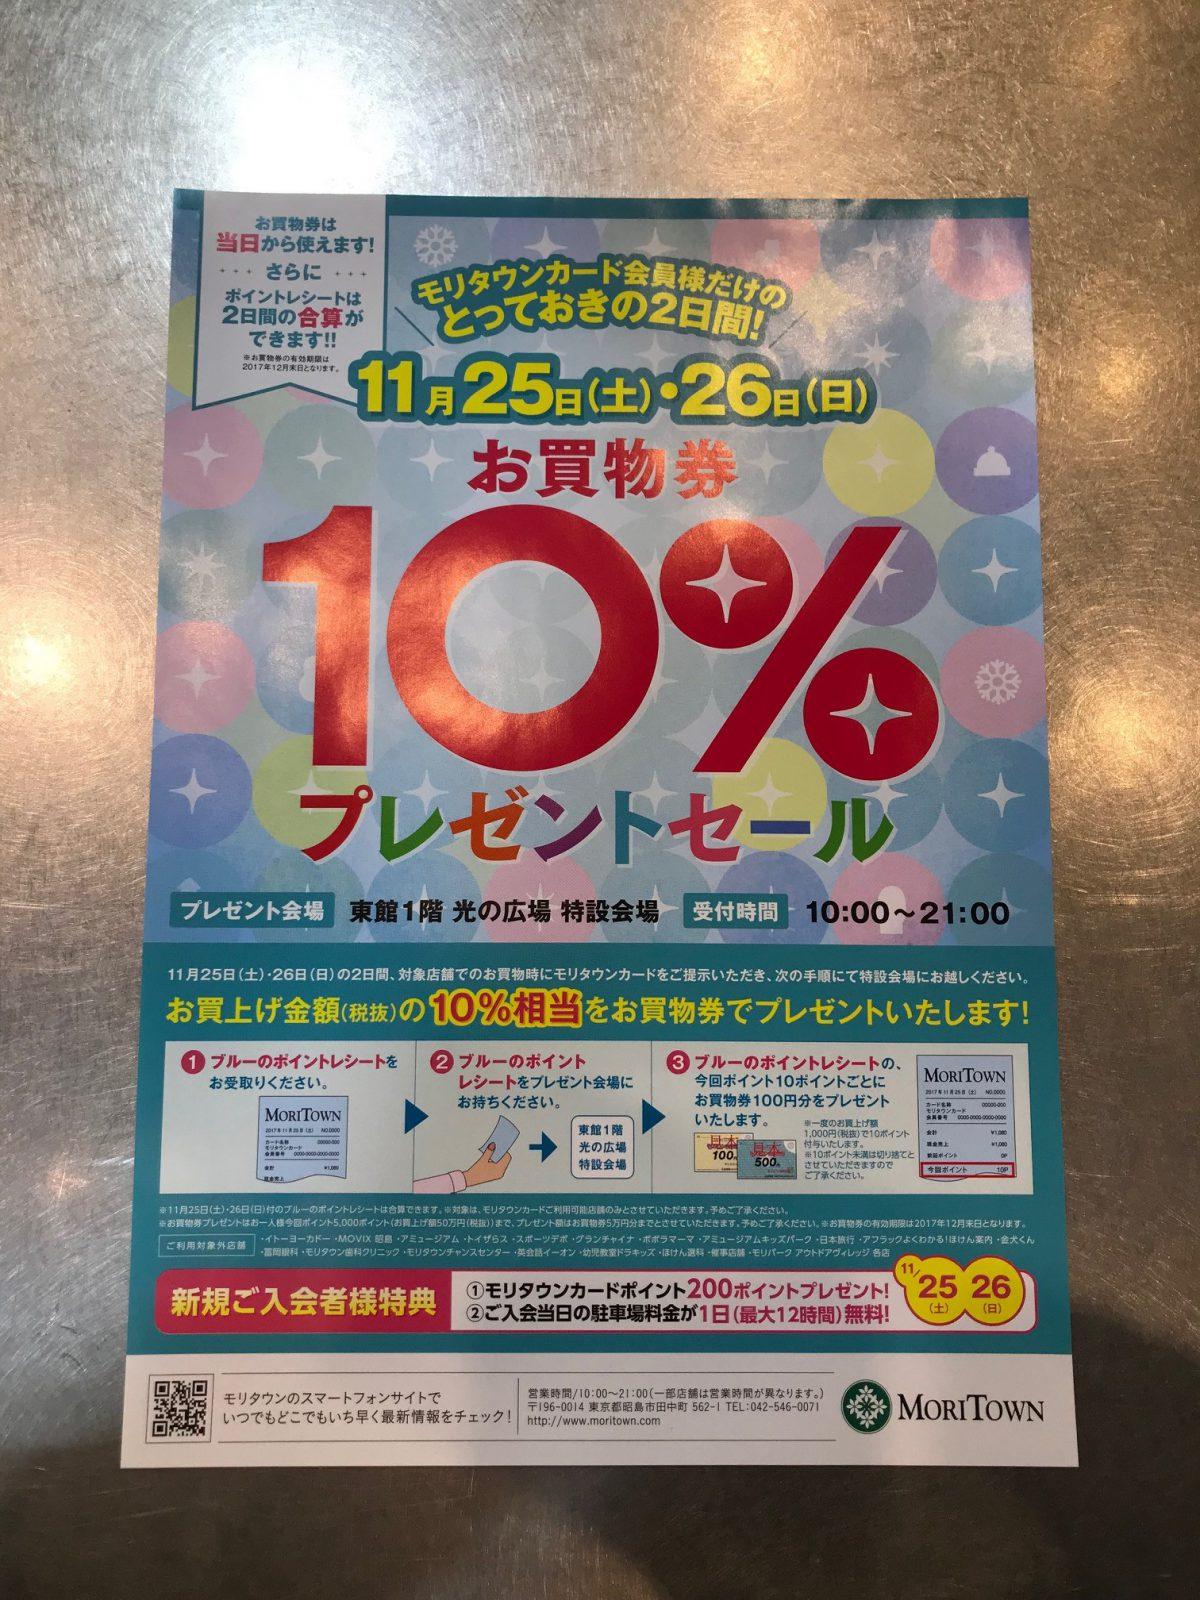 【お得情報】モリタウンカード お買い物券10%プレゼントセール開催